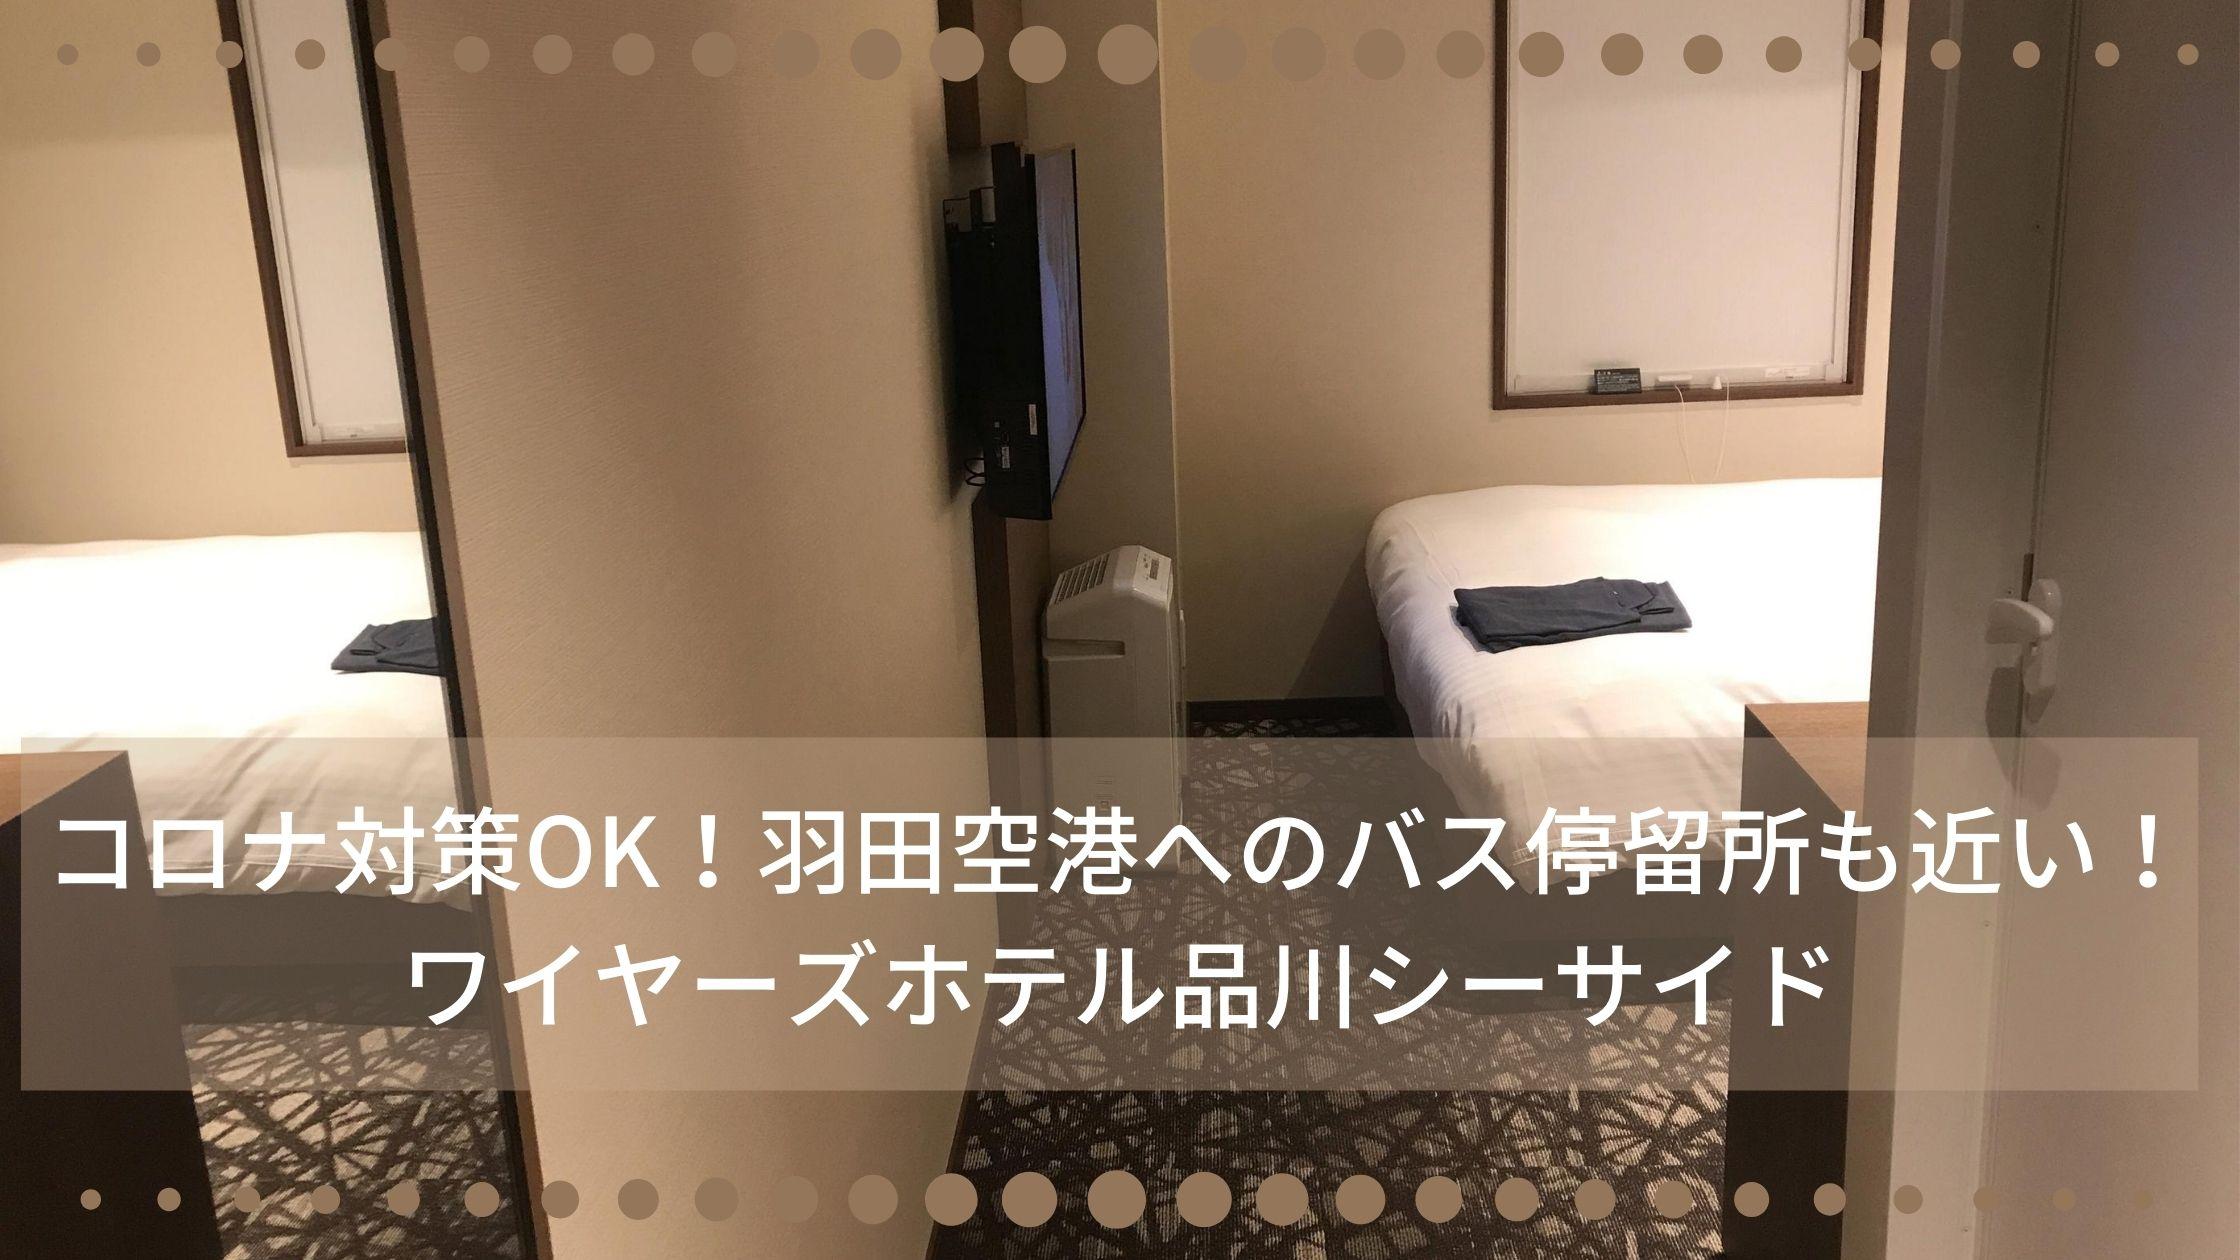 ワイヤーズホテル 羽田空港 バス